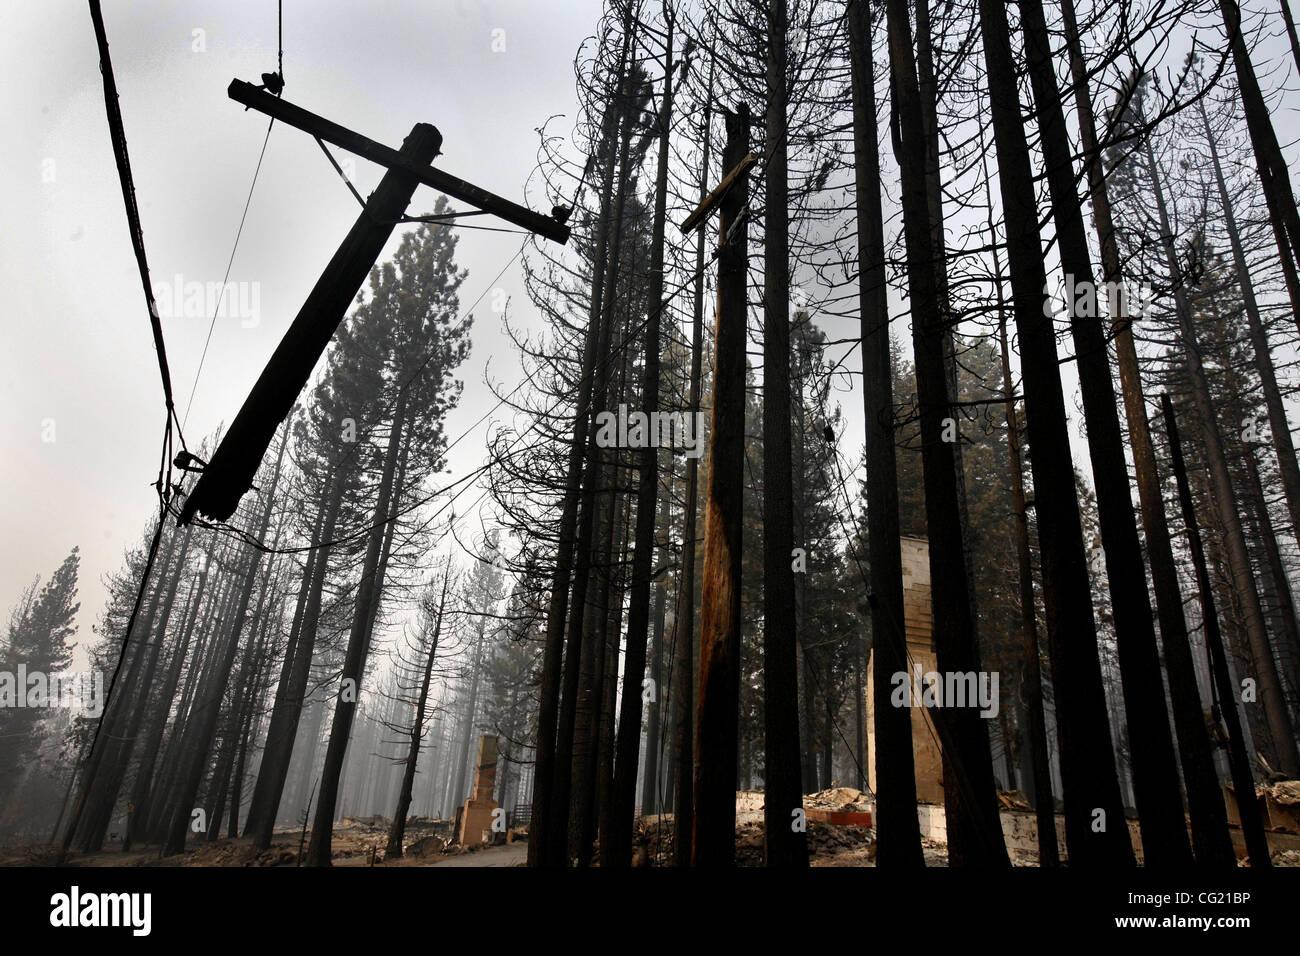 Légende en ligne une ligne électrique tombée est notablement suspendue près d'une maison brûlée. Sacramento Bee/Bryan Patrick une ligne électrique tombée est notablement suspendue près d'une maison brûlée. Le mardi 26 juin 2007. Sacramento Bee/Bryan Patrick Tahoe fire feu Angora Banque D'Images